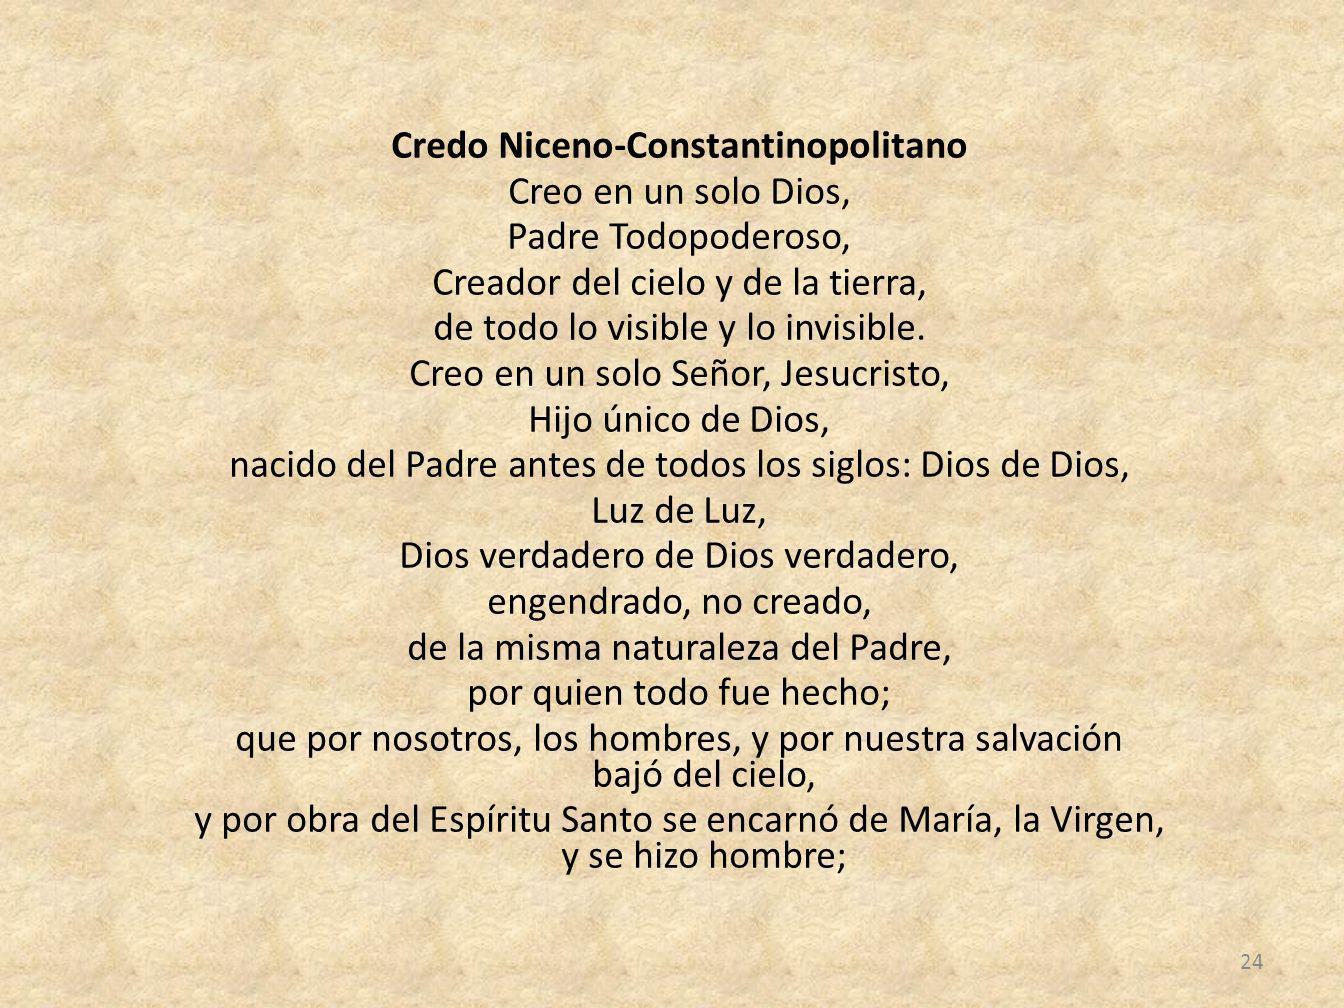 Credo Niceno-Constantinopolitano Creo en un solo Dios, Padre Todopoderoso, Creador del cielo y de la tierra, de todo lo visible y lo invisible. Creo e